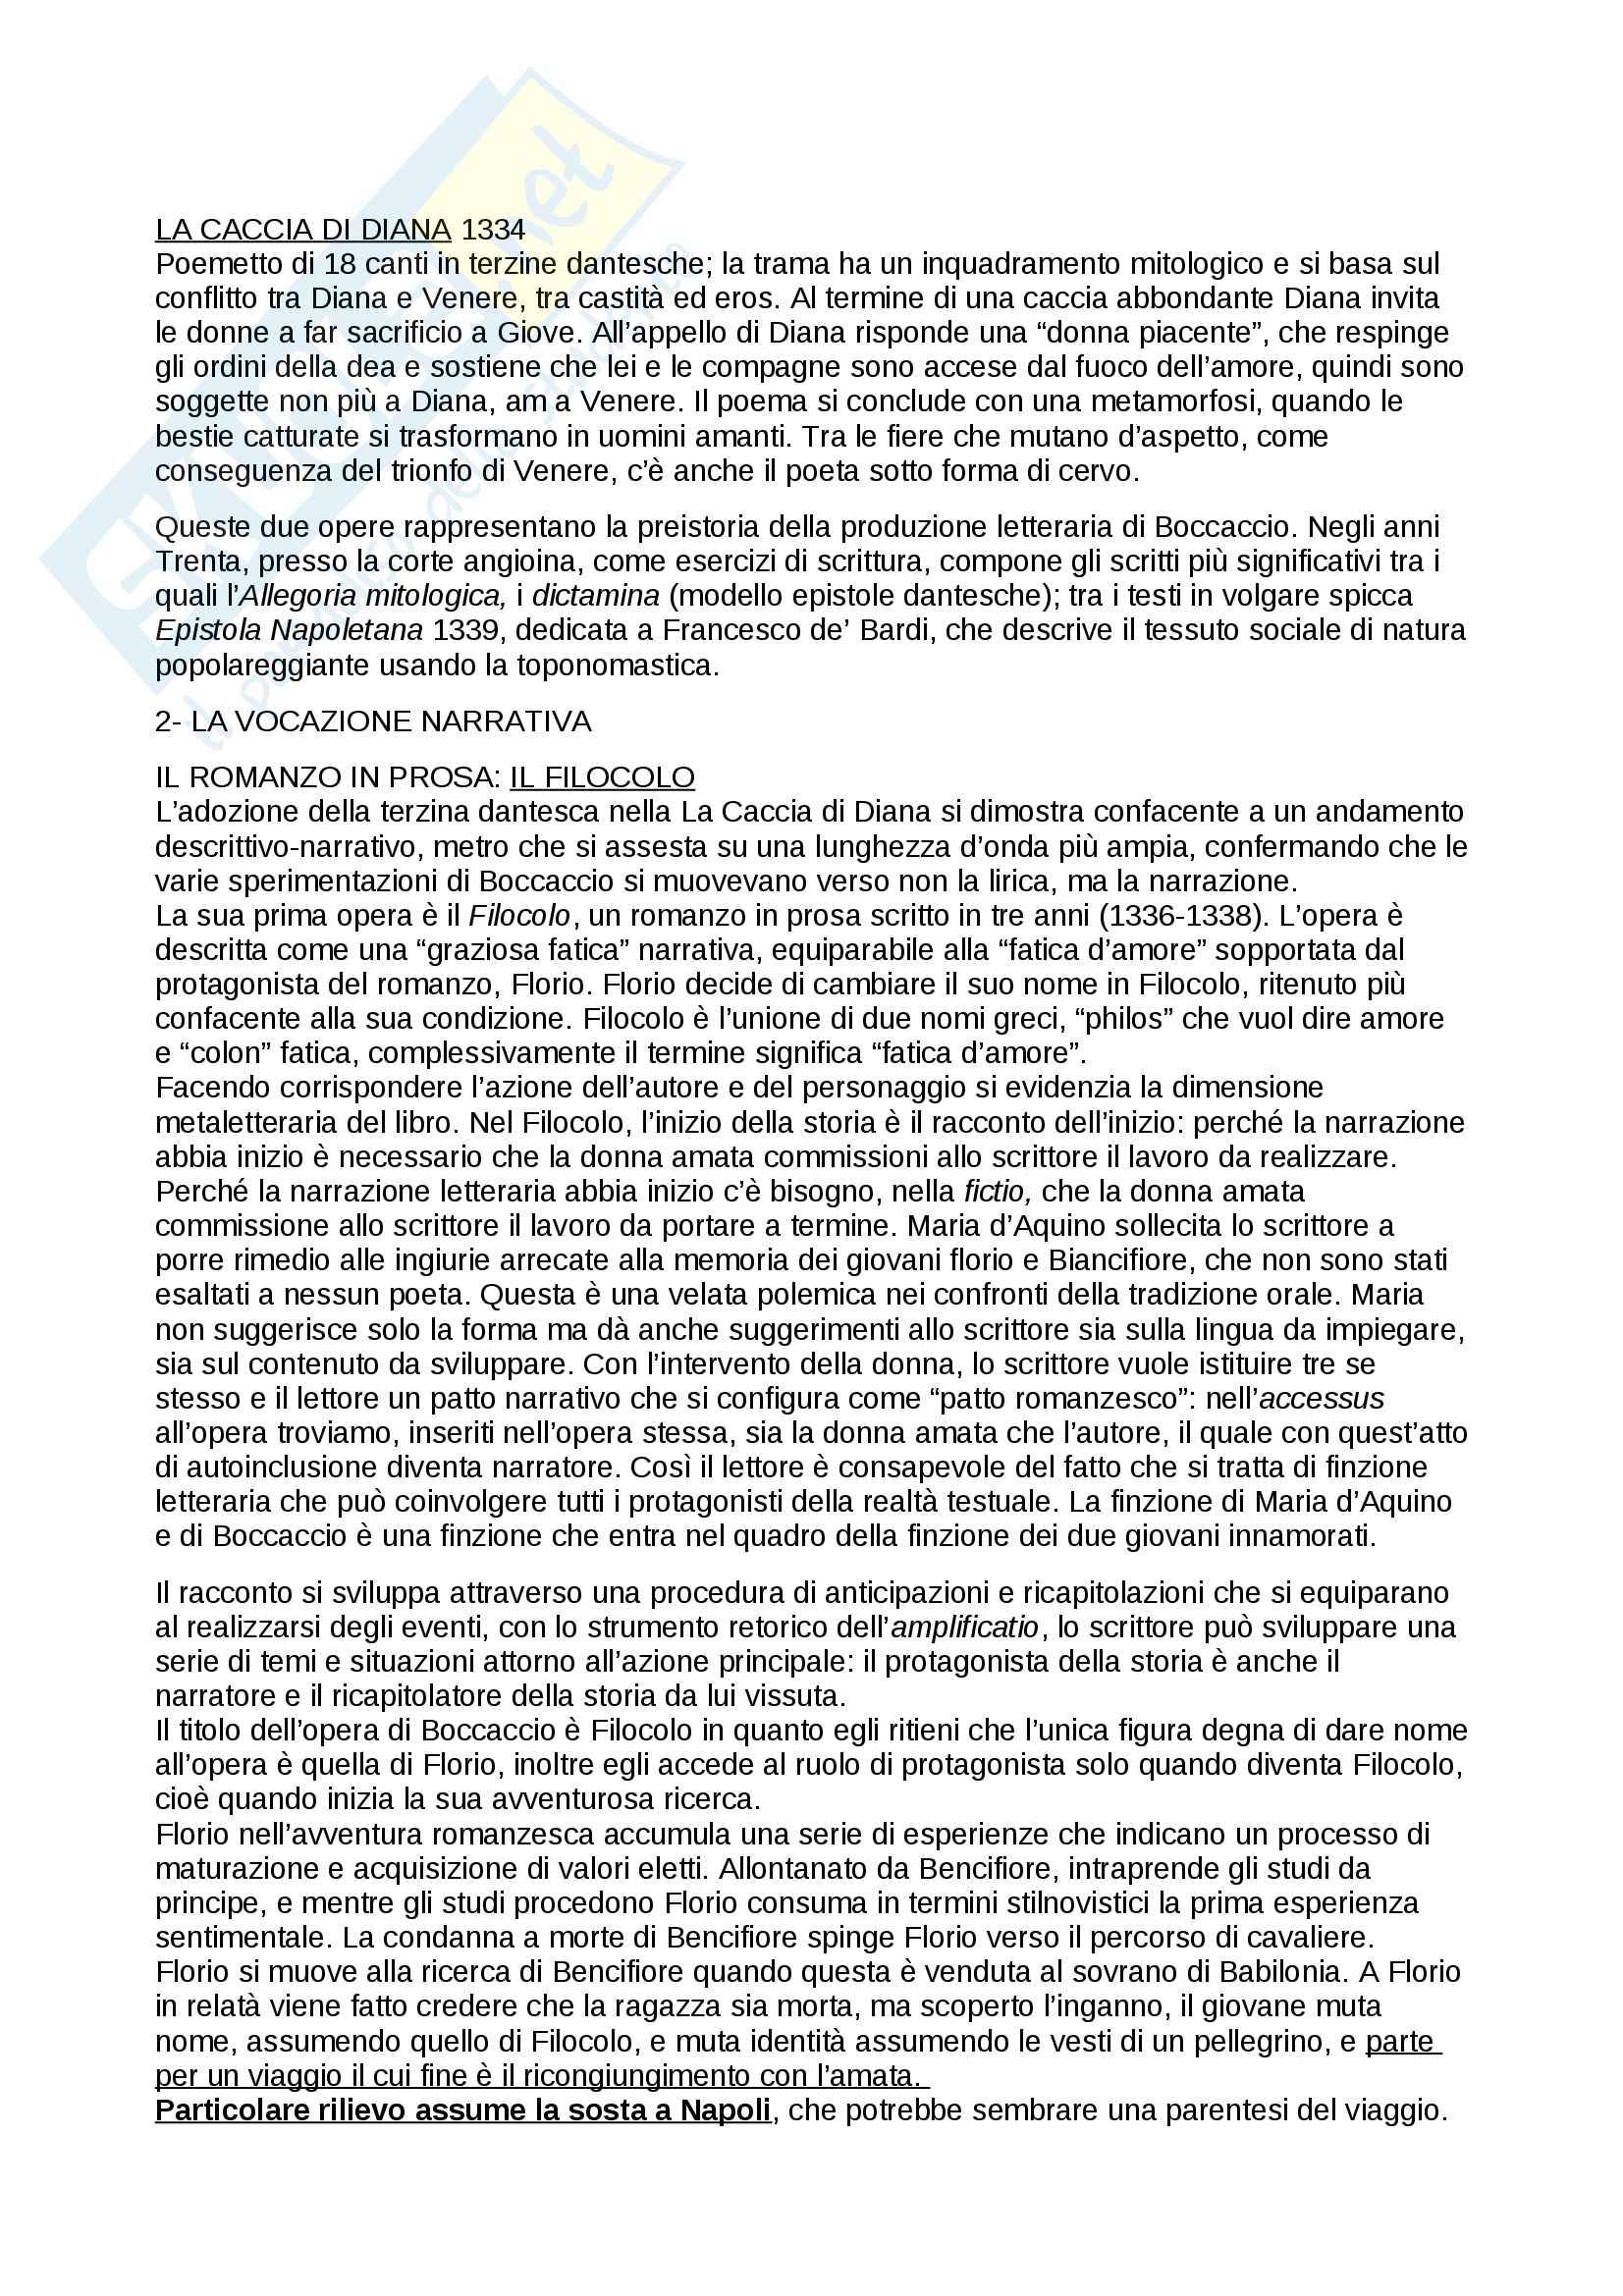 Boccaccio Surdich 1